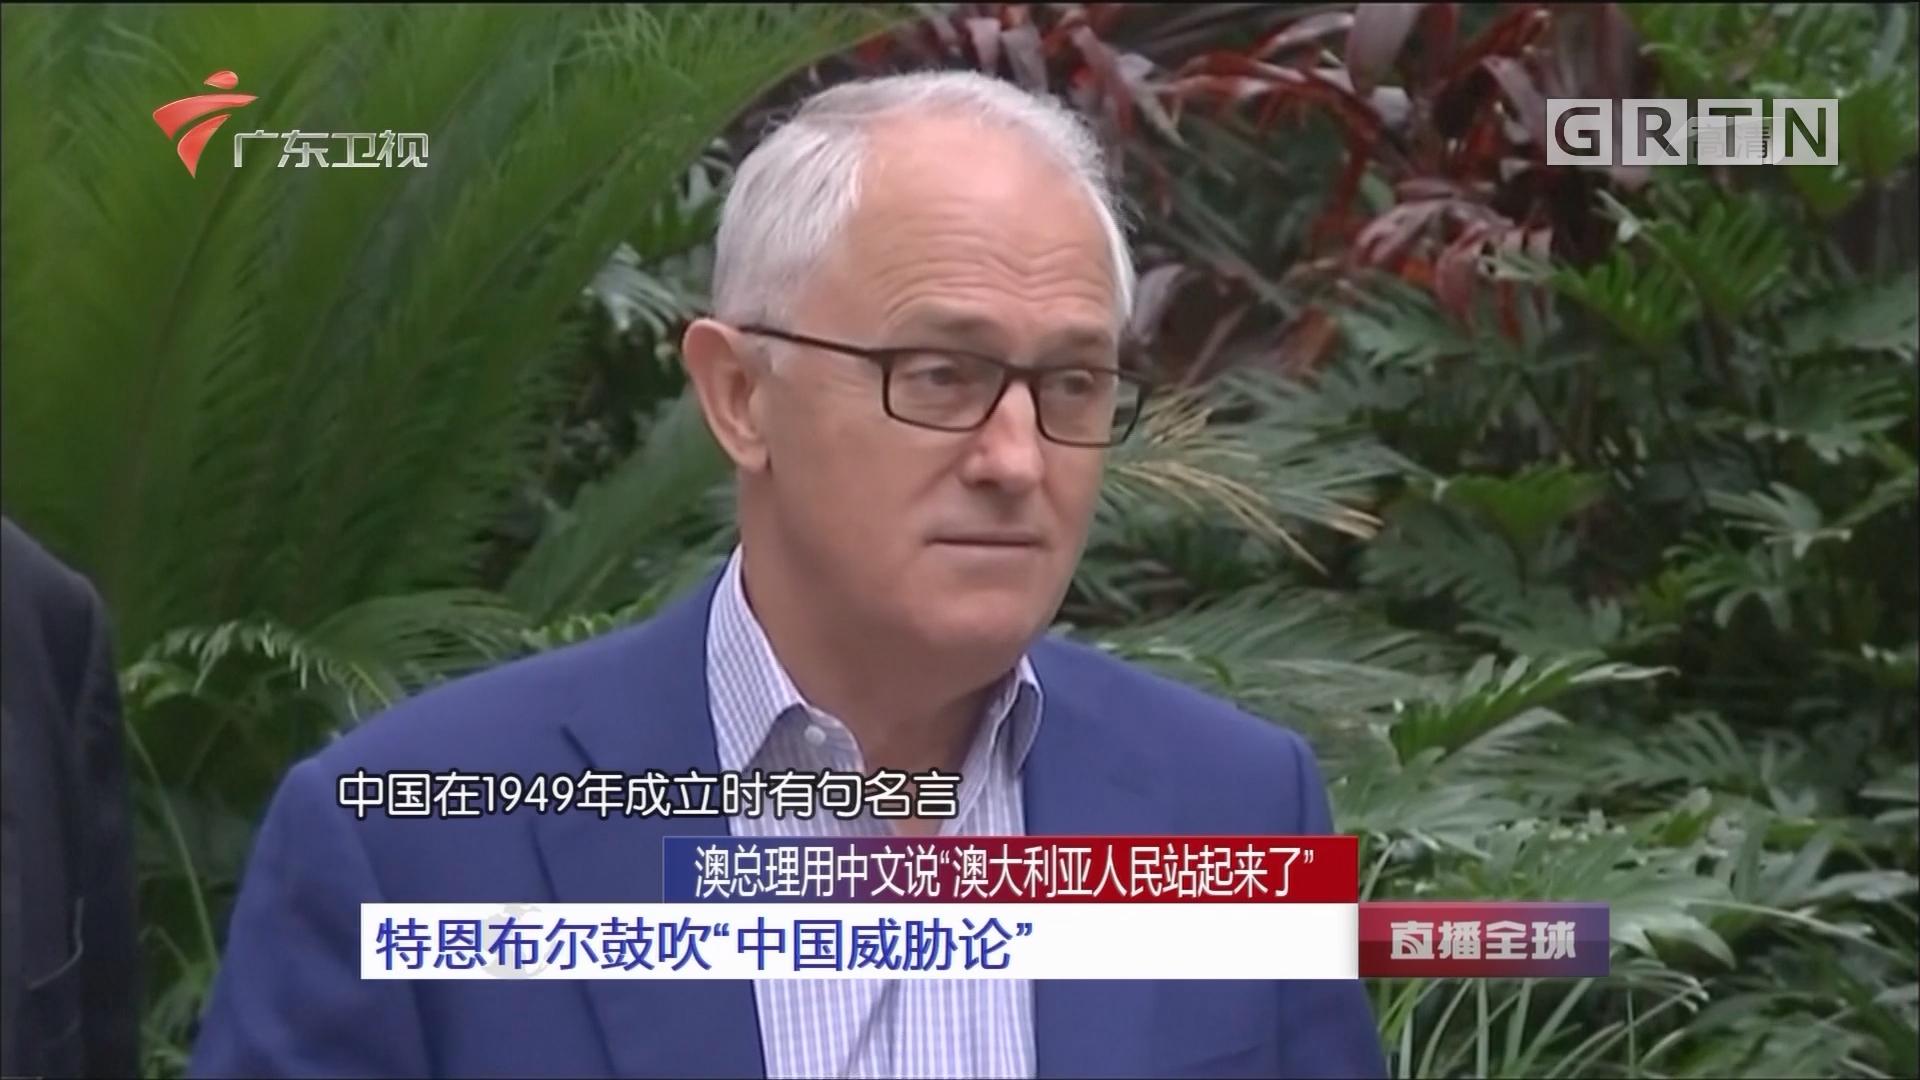 """澳总理用中文说""""澳大利亚人民站起来了"""":特恩布尔鼓吹""""中国威胁论"""""""